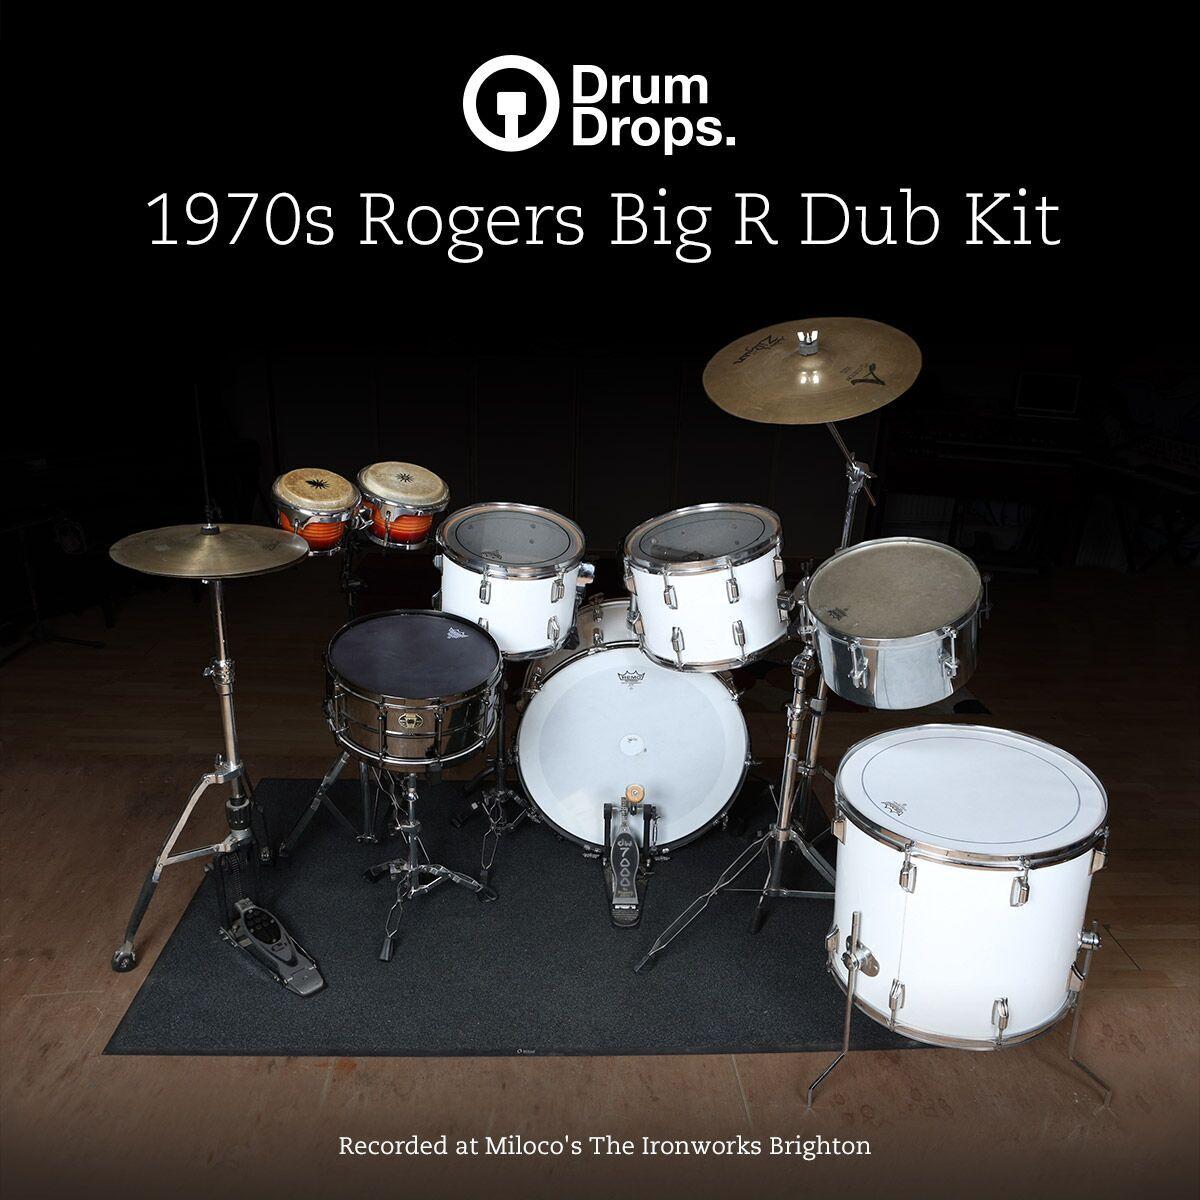 Reggae Drum Kits Free Download - bondhook's diary